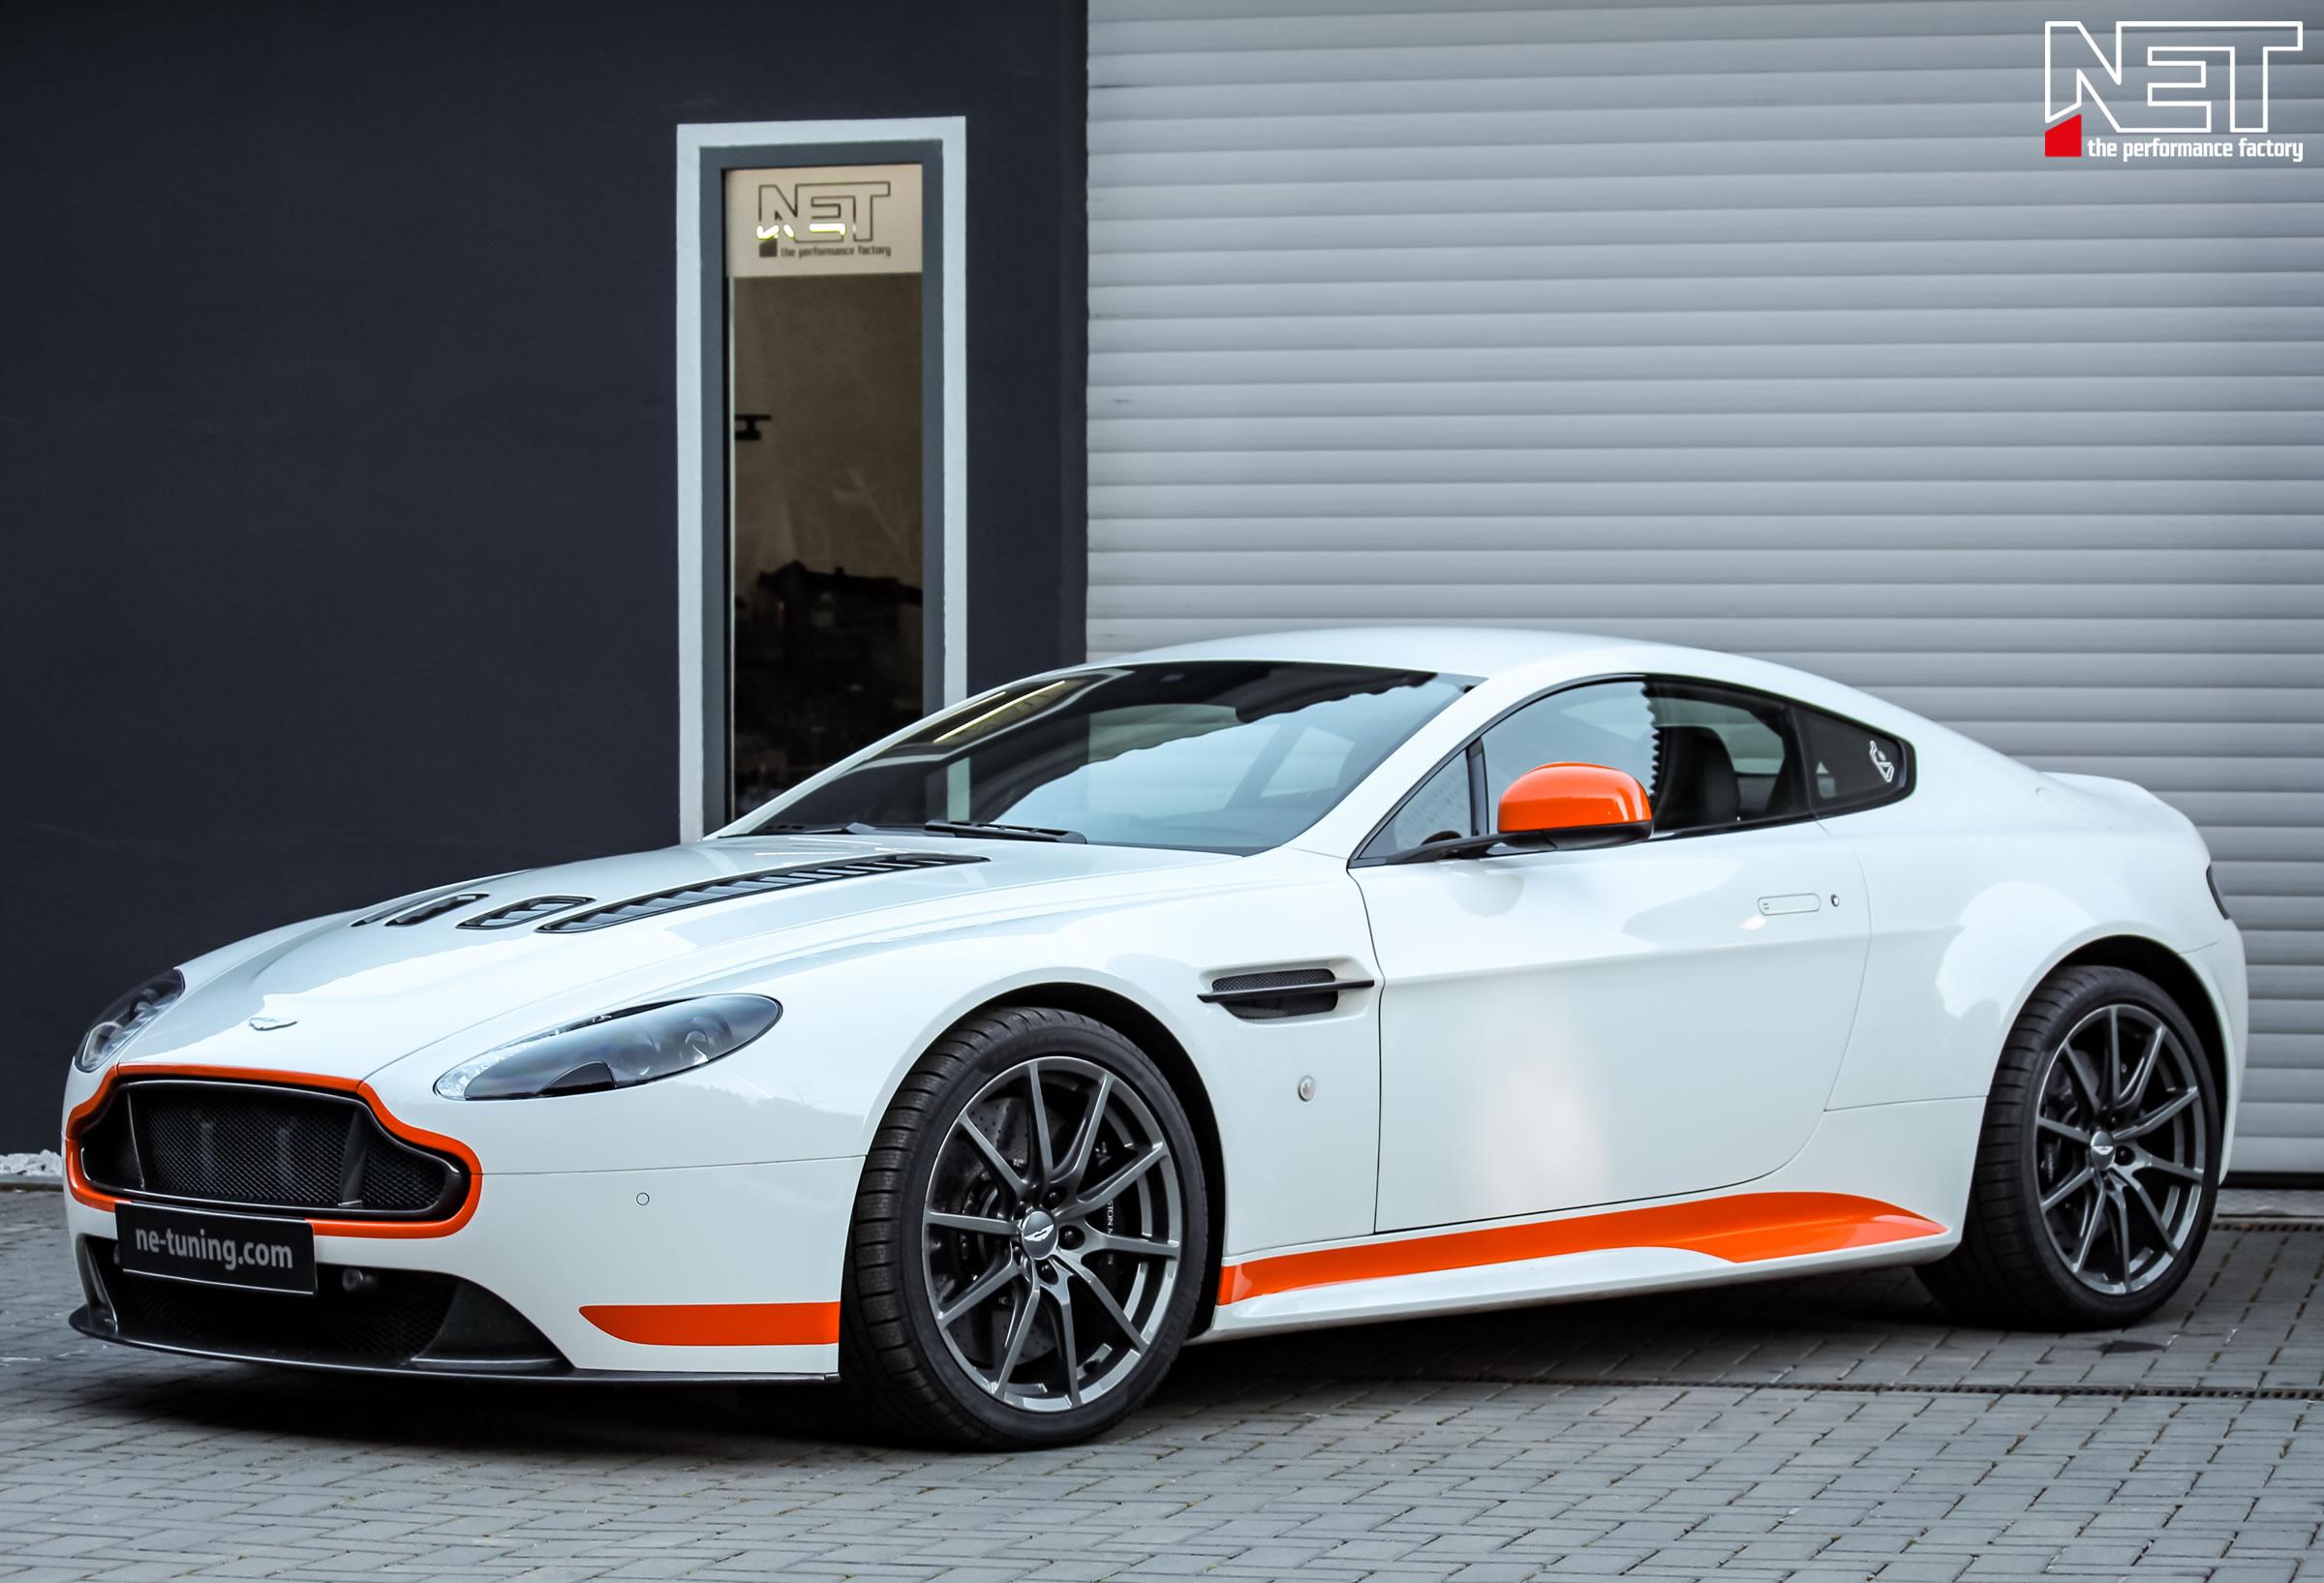 Net Galerie Car Tuning Aston Martin V12 Vantage S Chiptuning Aston Martin 1 1